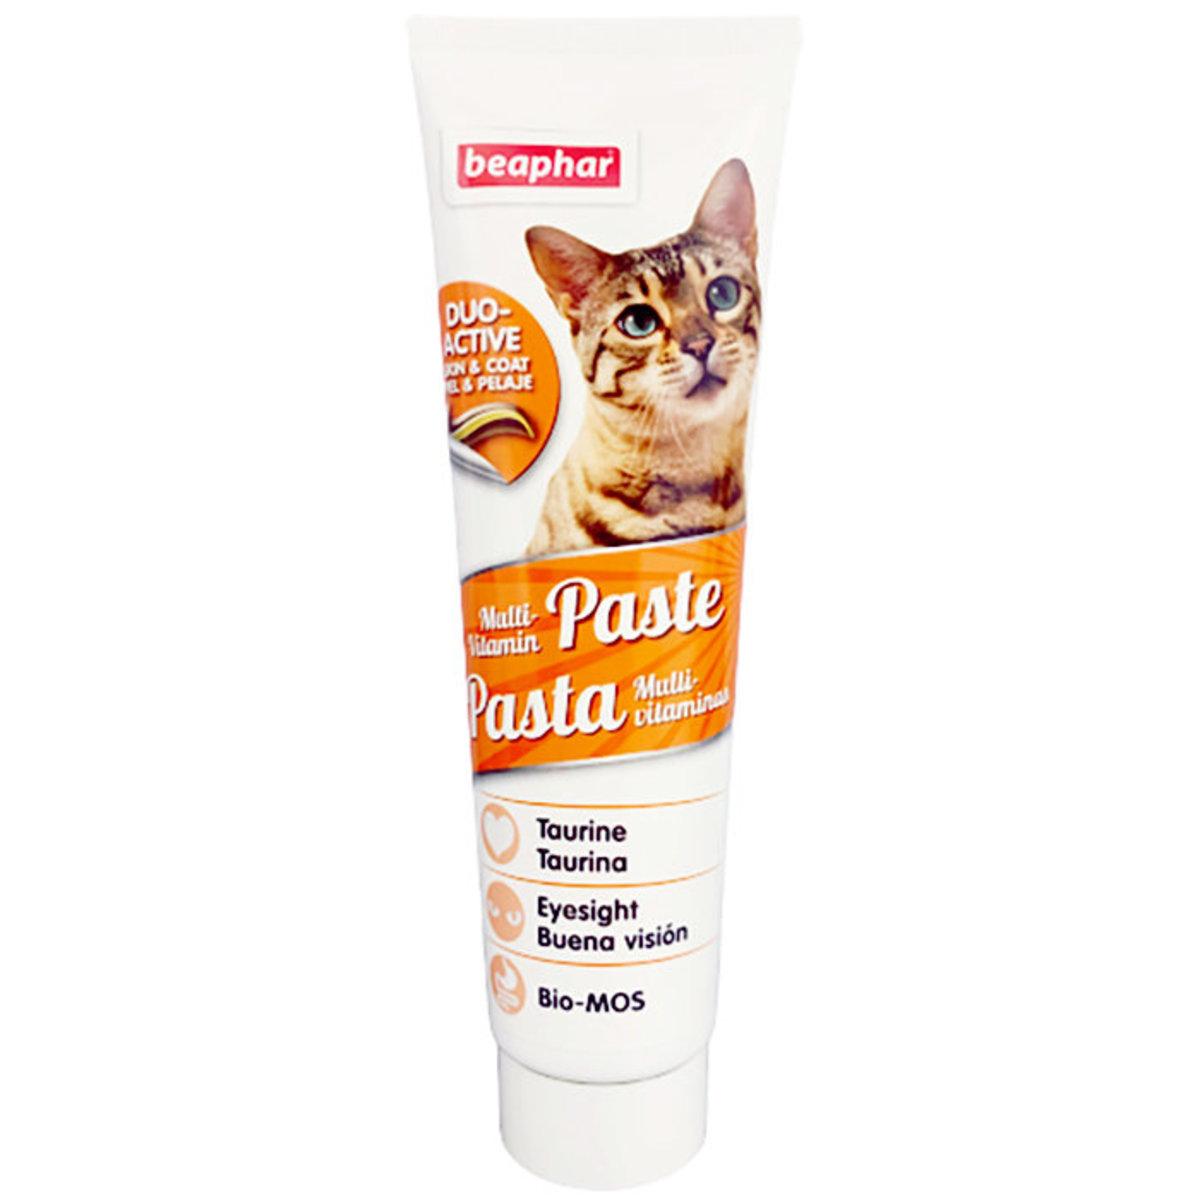 Paste Pasta Multi- Vitaminas for Cat 100g